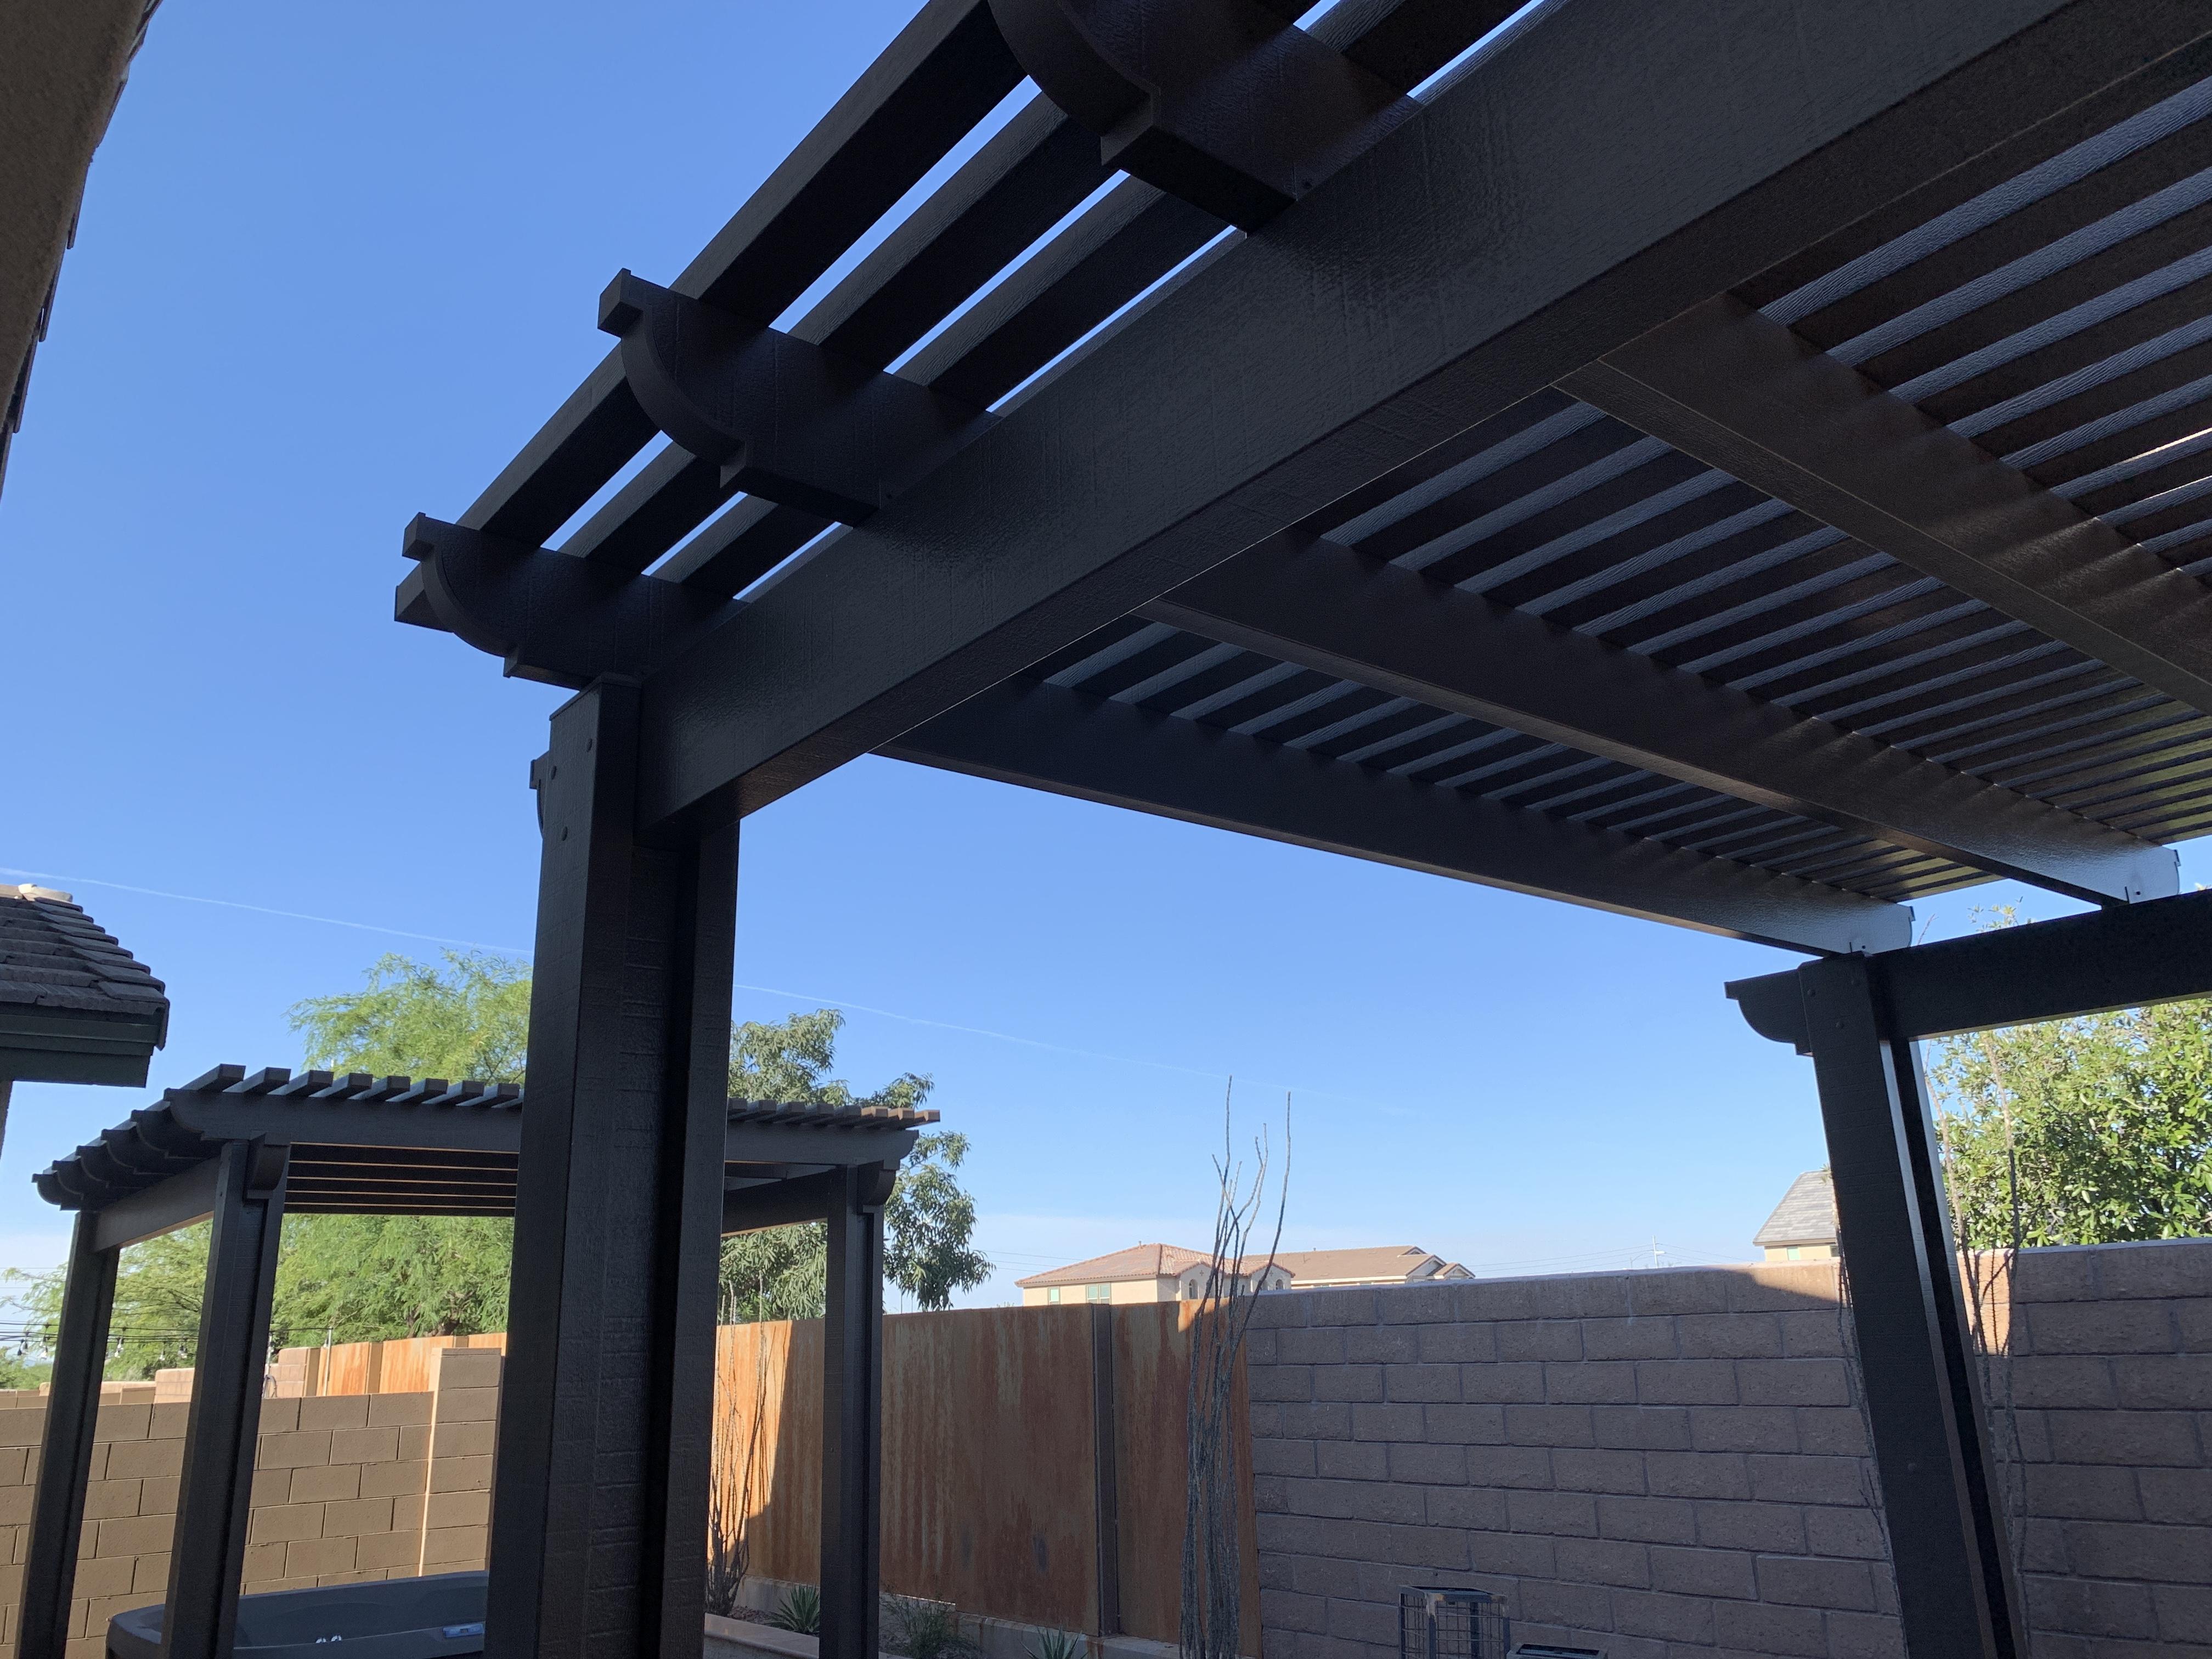 Pergola Shade Structure Cover Bullhead C